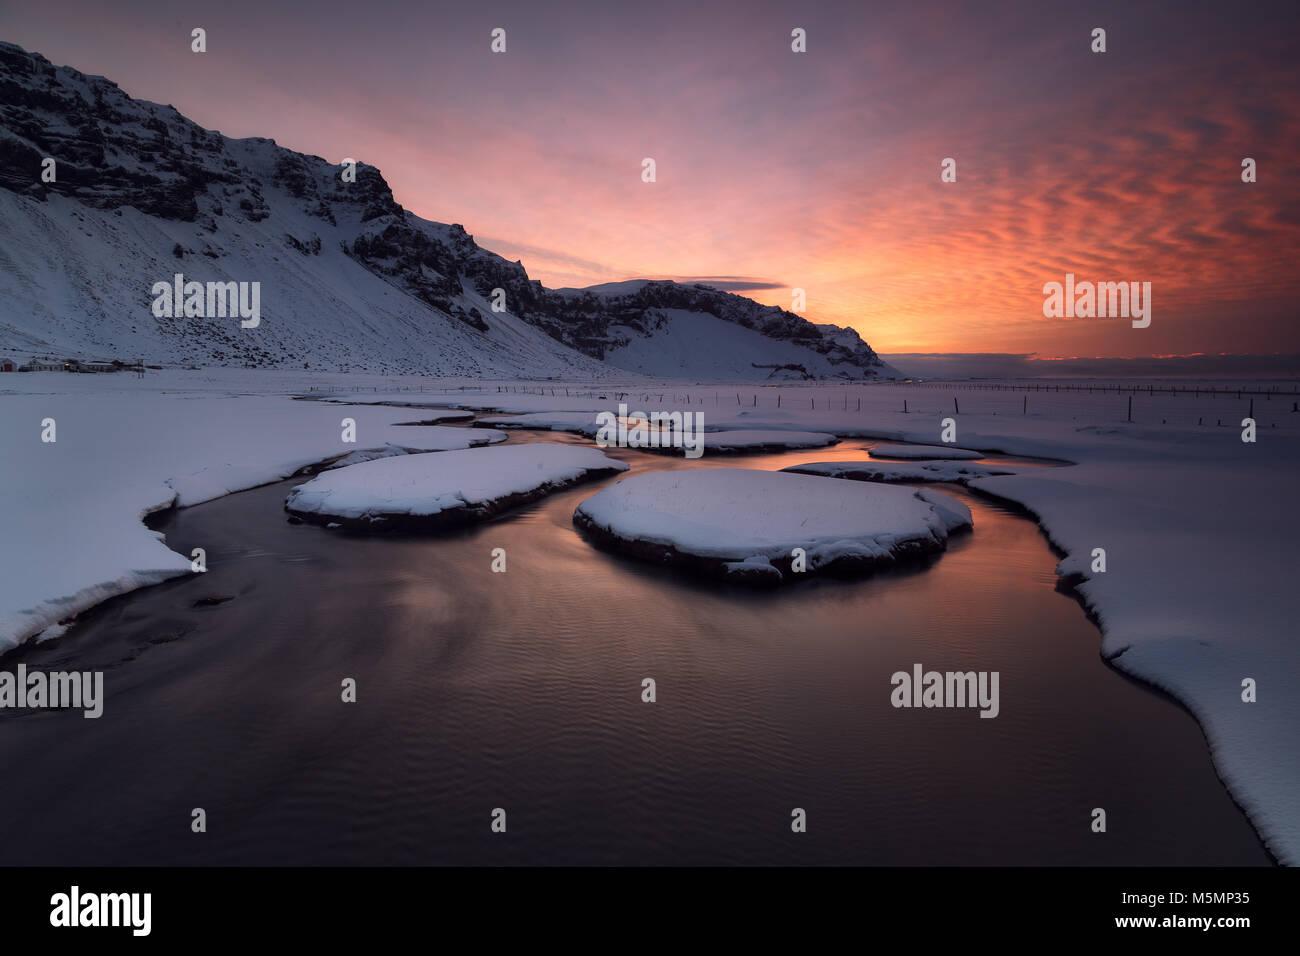 Lever du soleil sur une rivière de neige en Islande Photo Stock